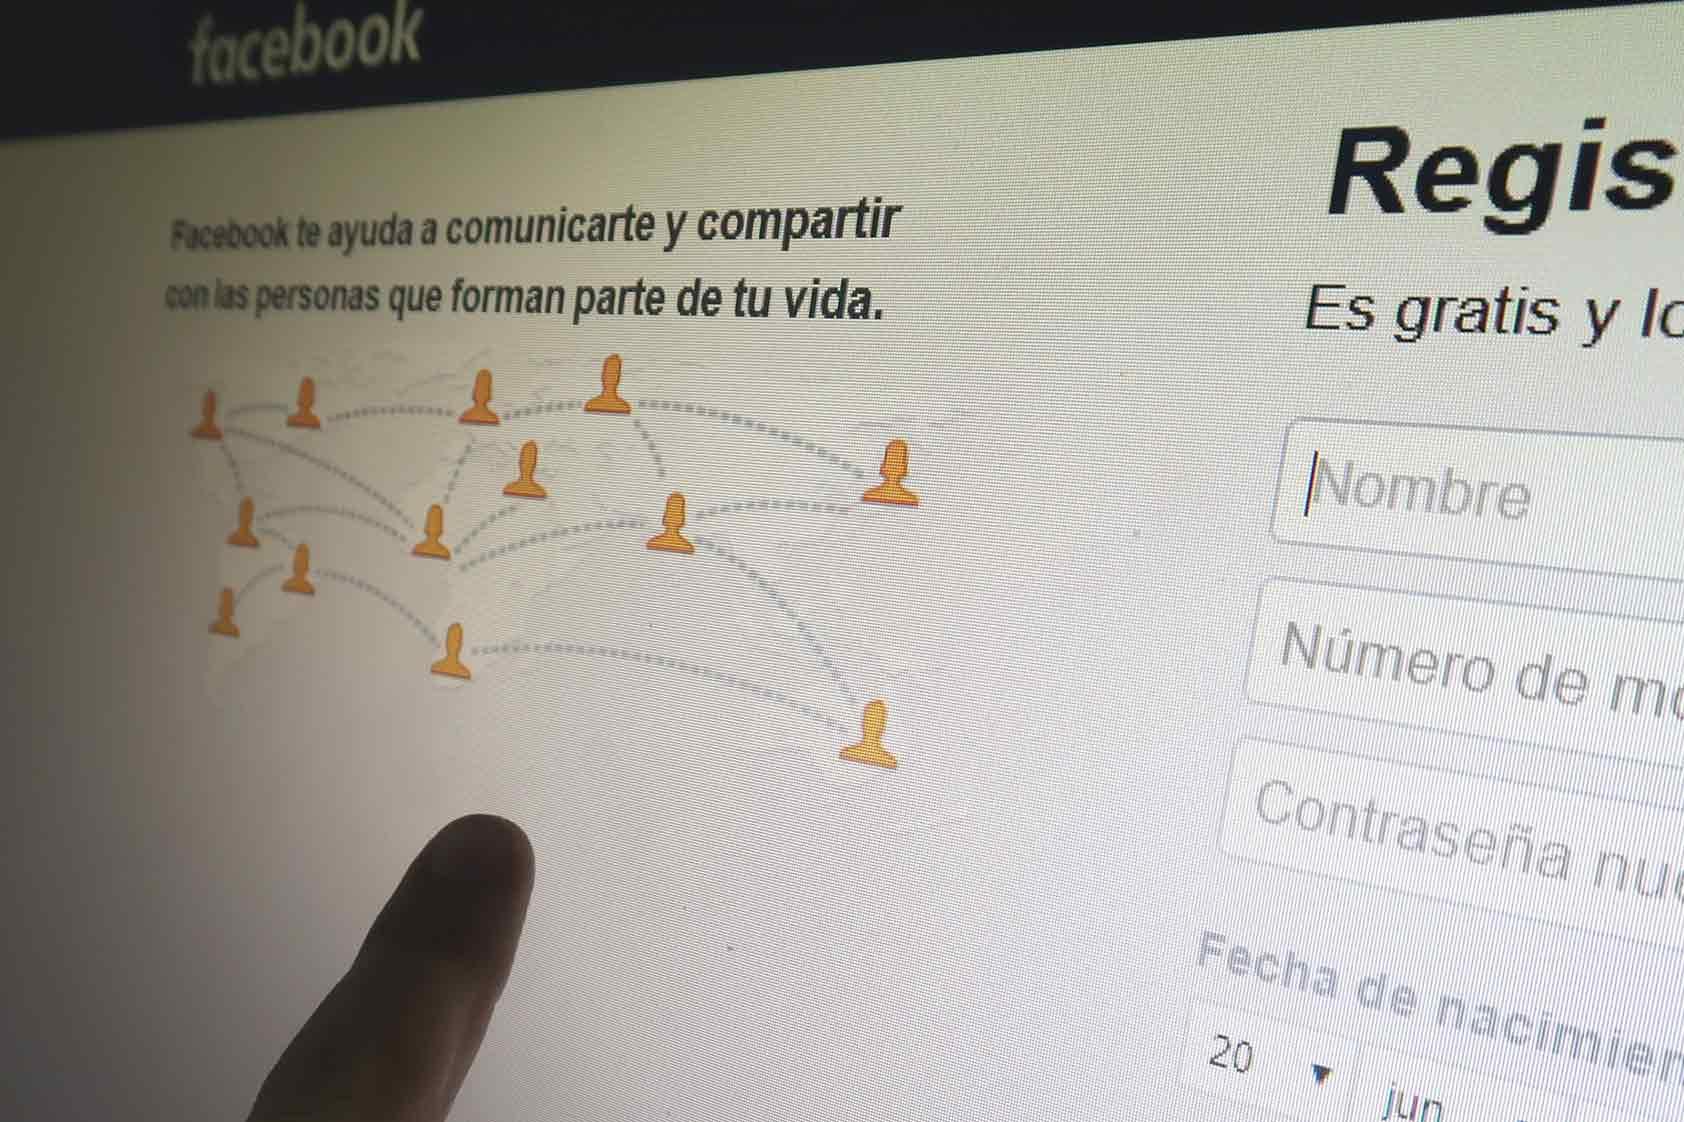 Uso seguro del internet y redes sociales: hacia una ciudadanía digital responsable